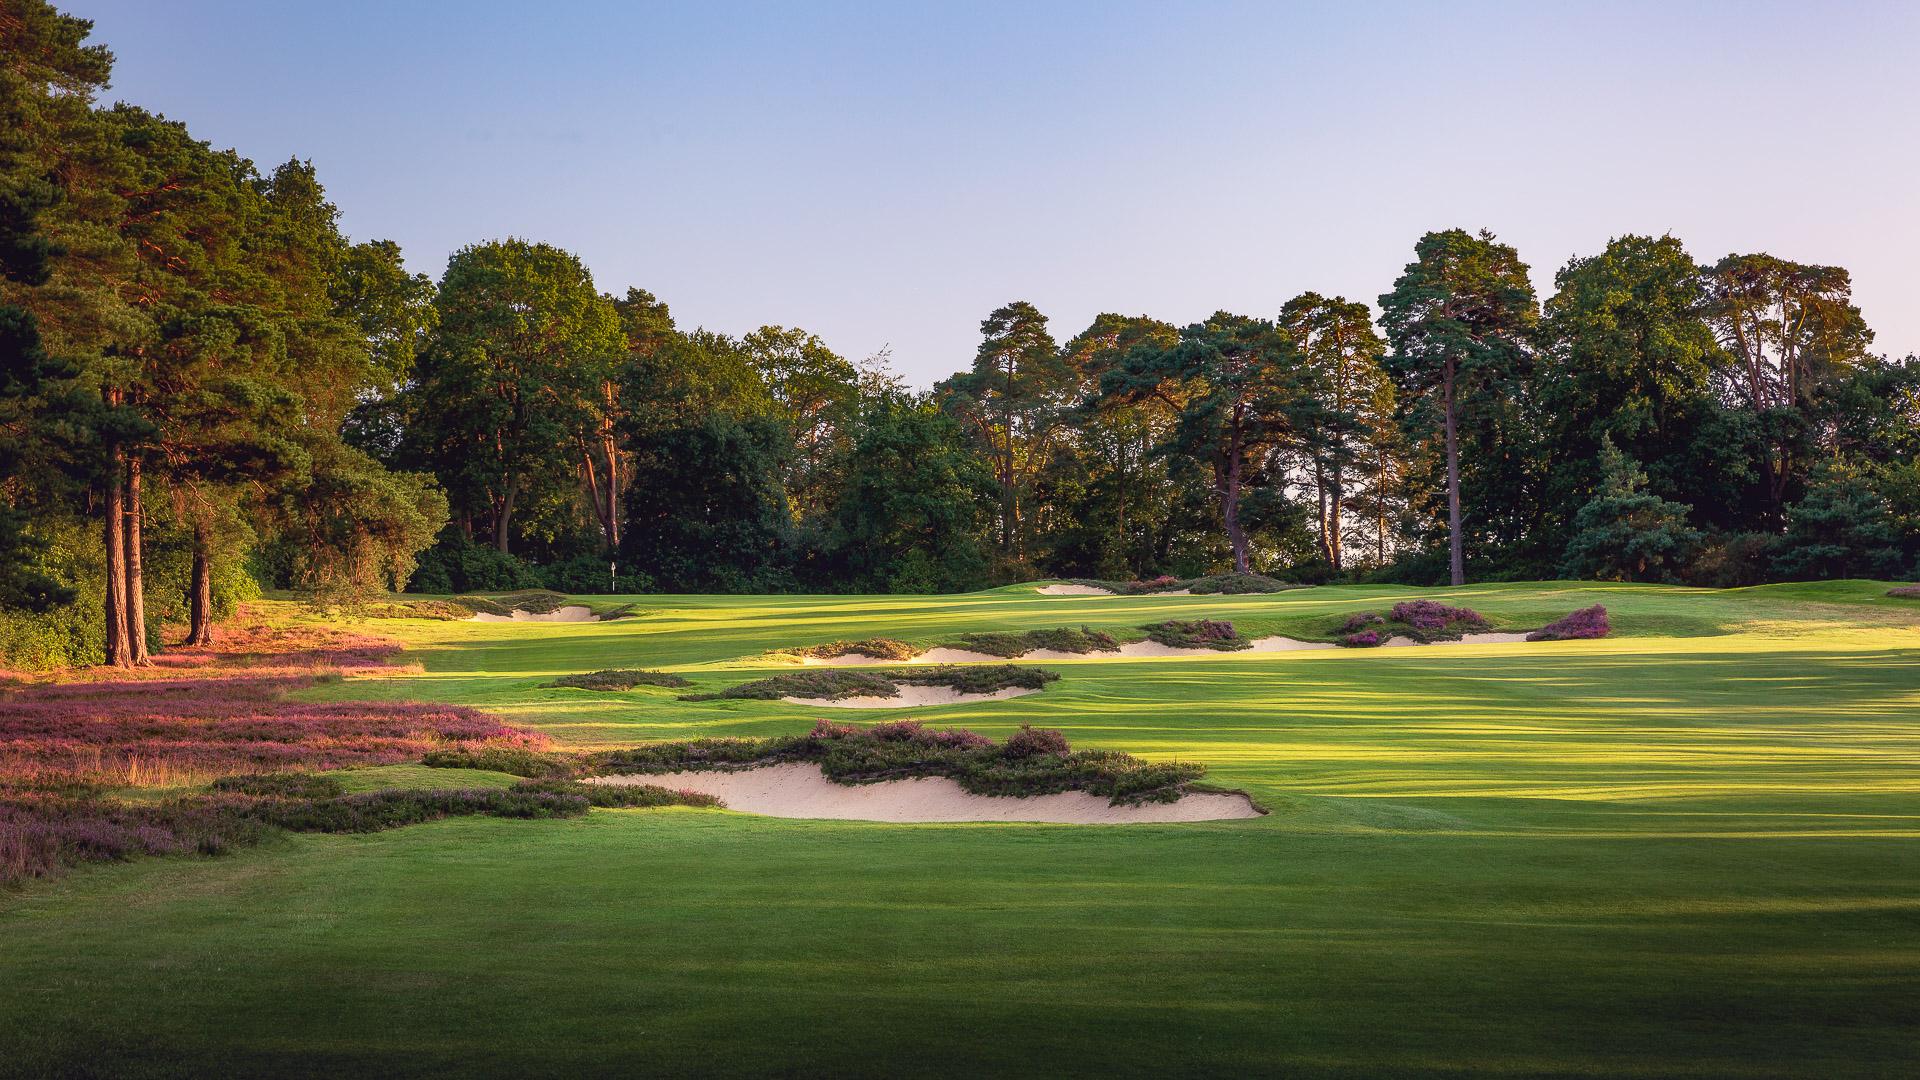 05th-Hole-St-Georges-Hill-Golf-Club-2202-Edit-2